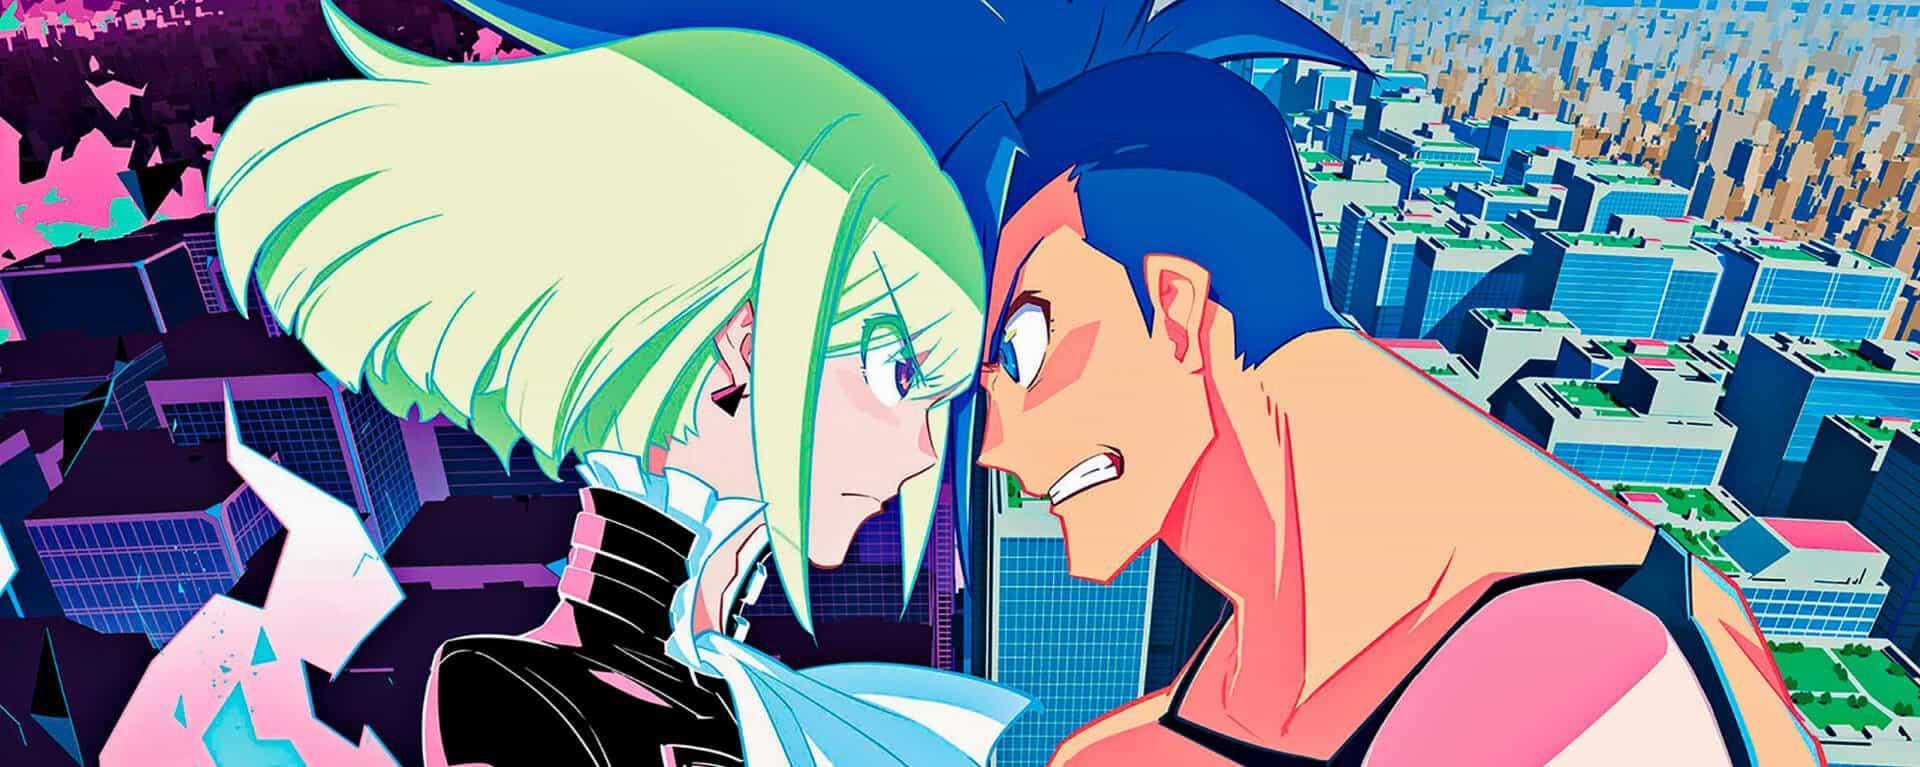 Lio e Galo se enfrentando personagens de promare